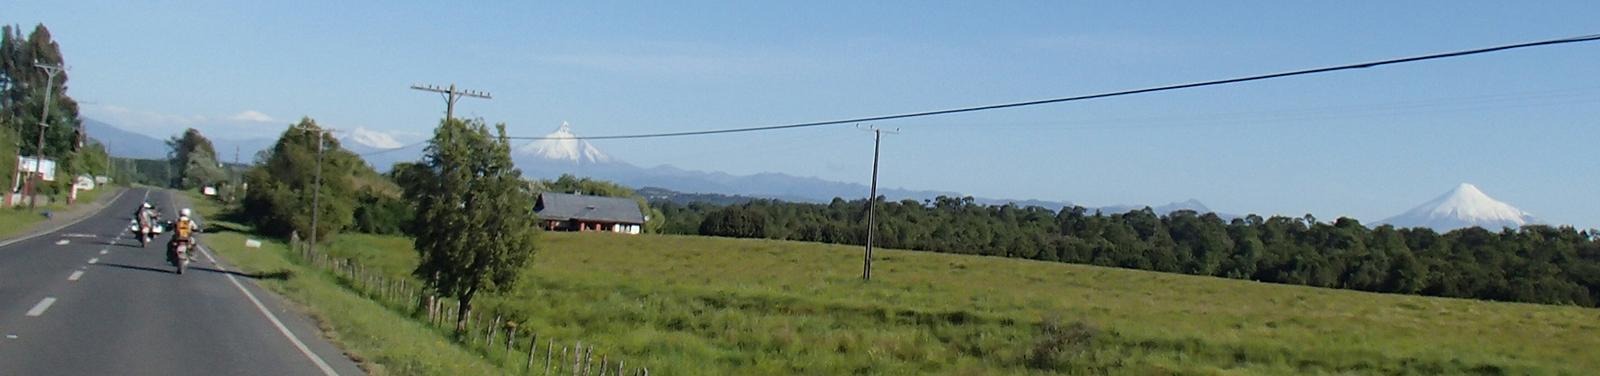 Vulkane Puntiagudo und Osorno, Chile